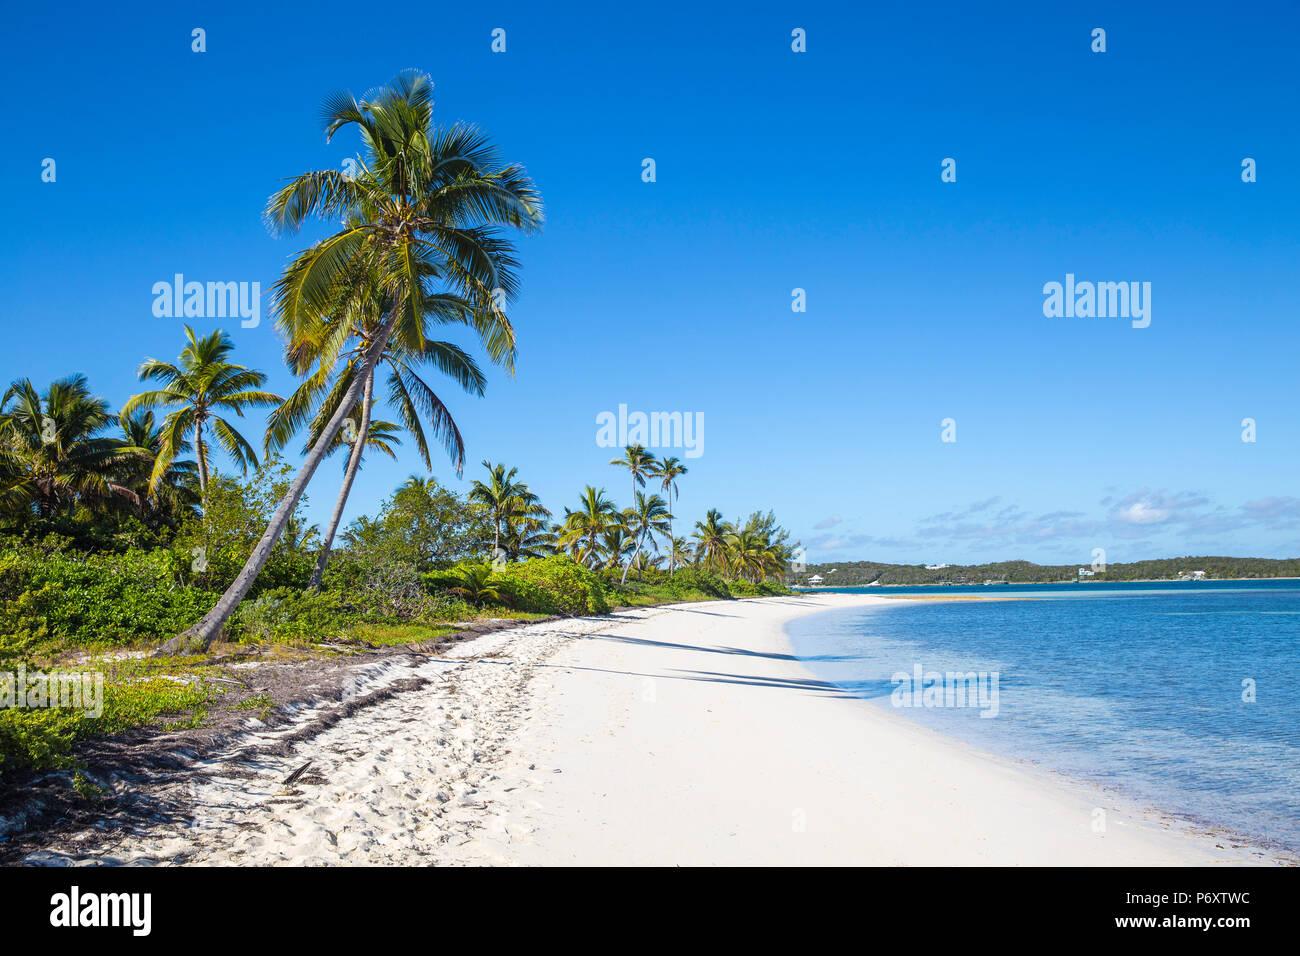 Bahamas, Abaco Islands, Elbow Cay, Tihiti beach - Stock Image